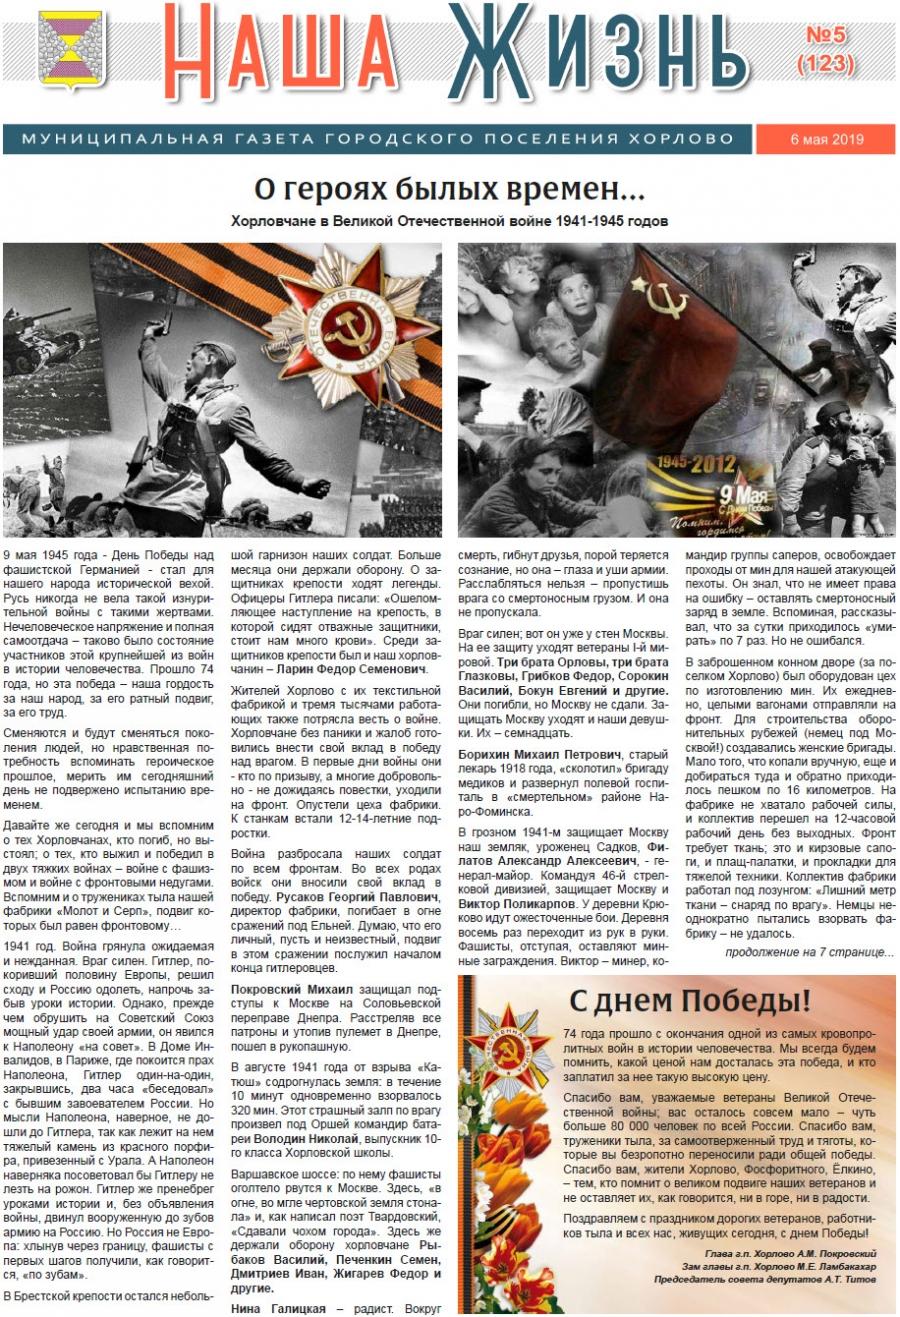 """Газета """"Наша жизнь"""" - 6 мая 2019 года"""